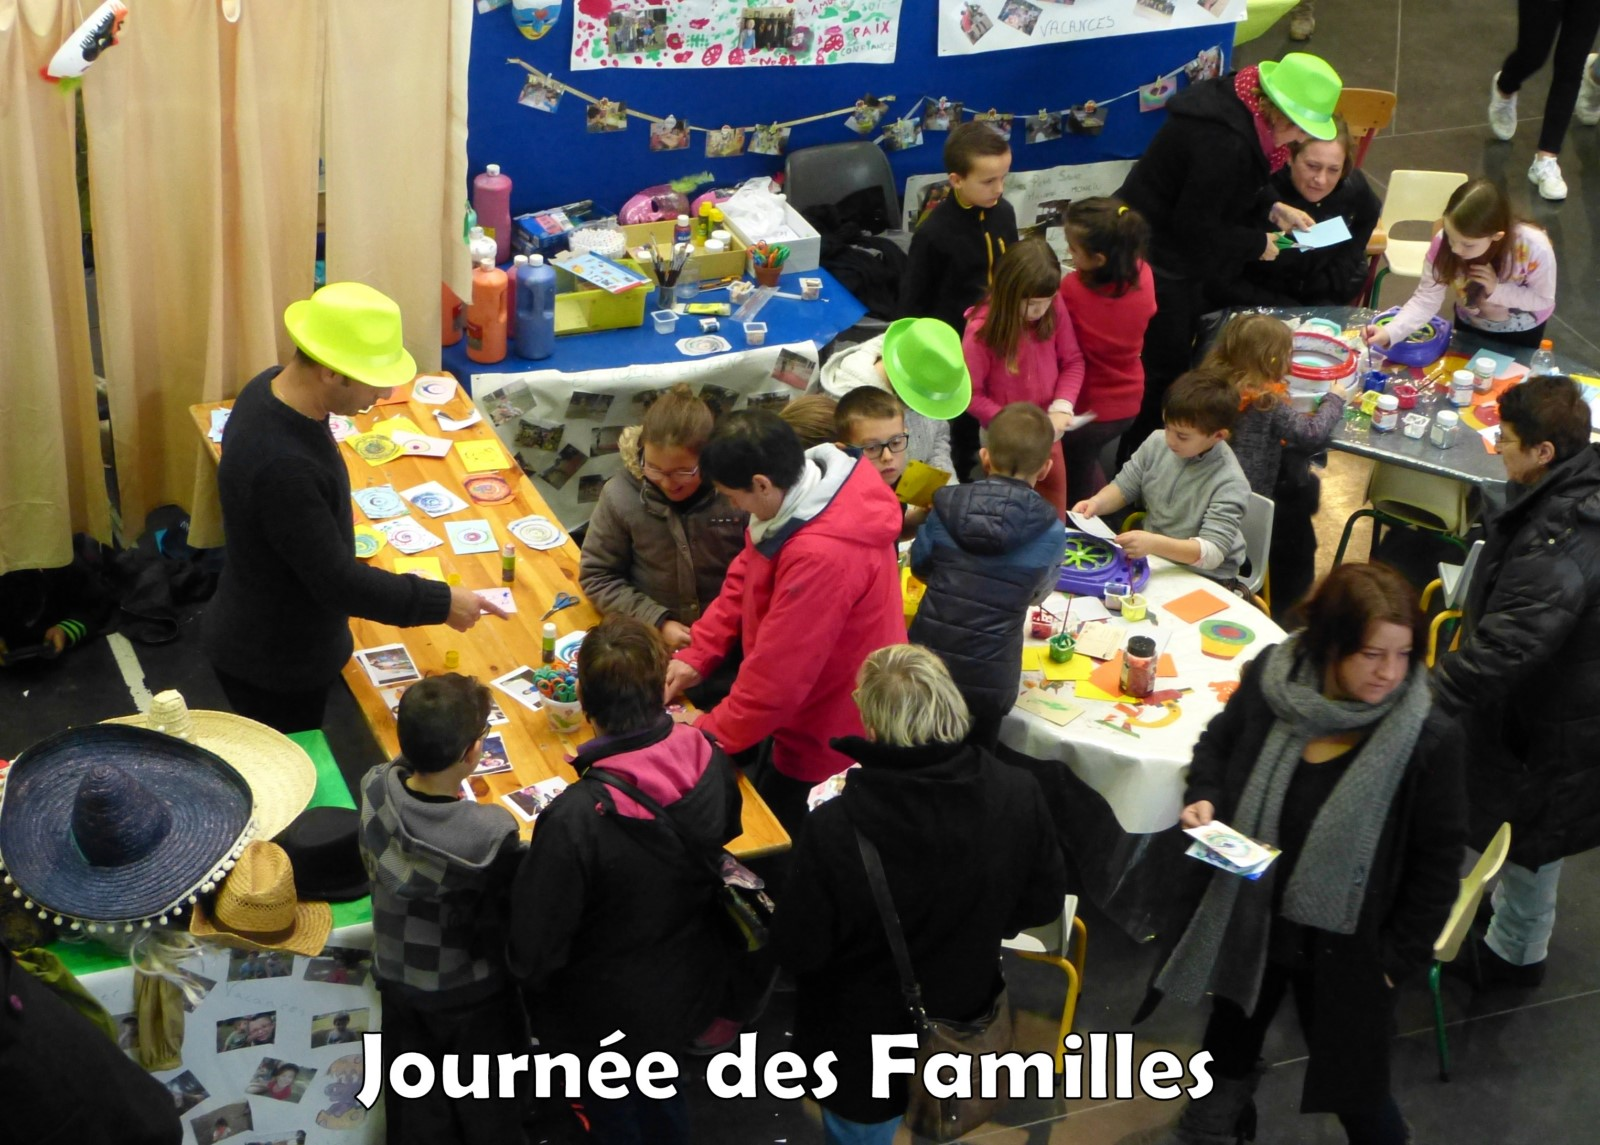 95Journee-des-Familles-2